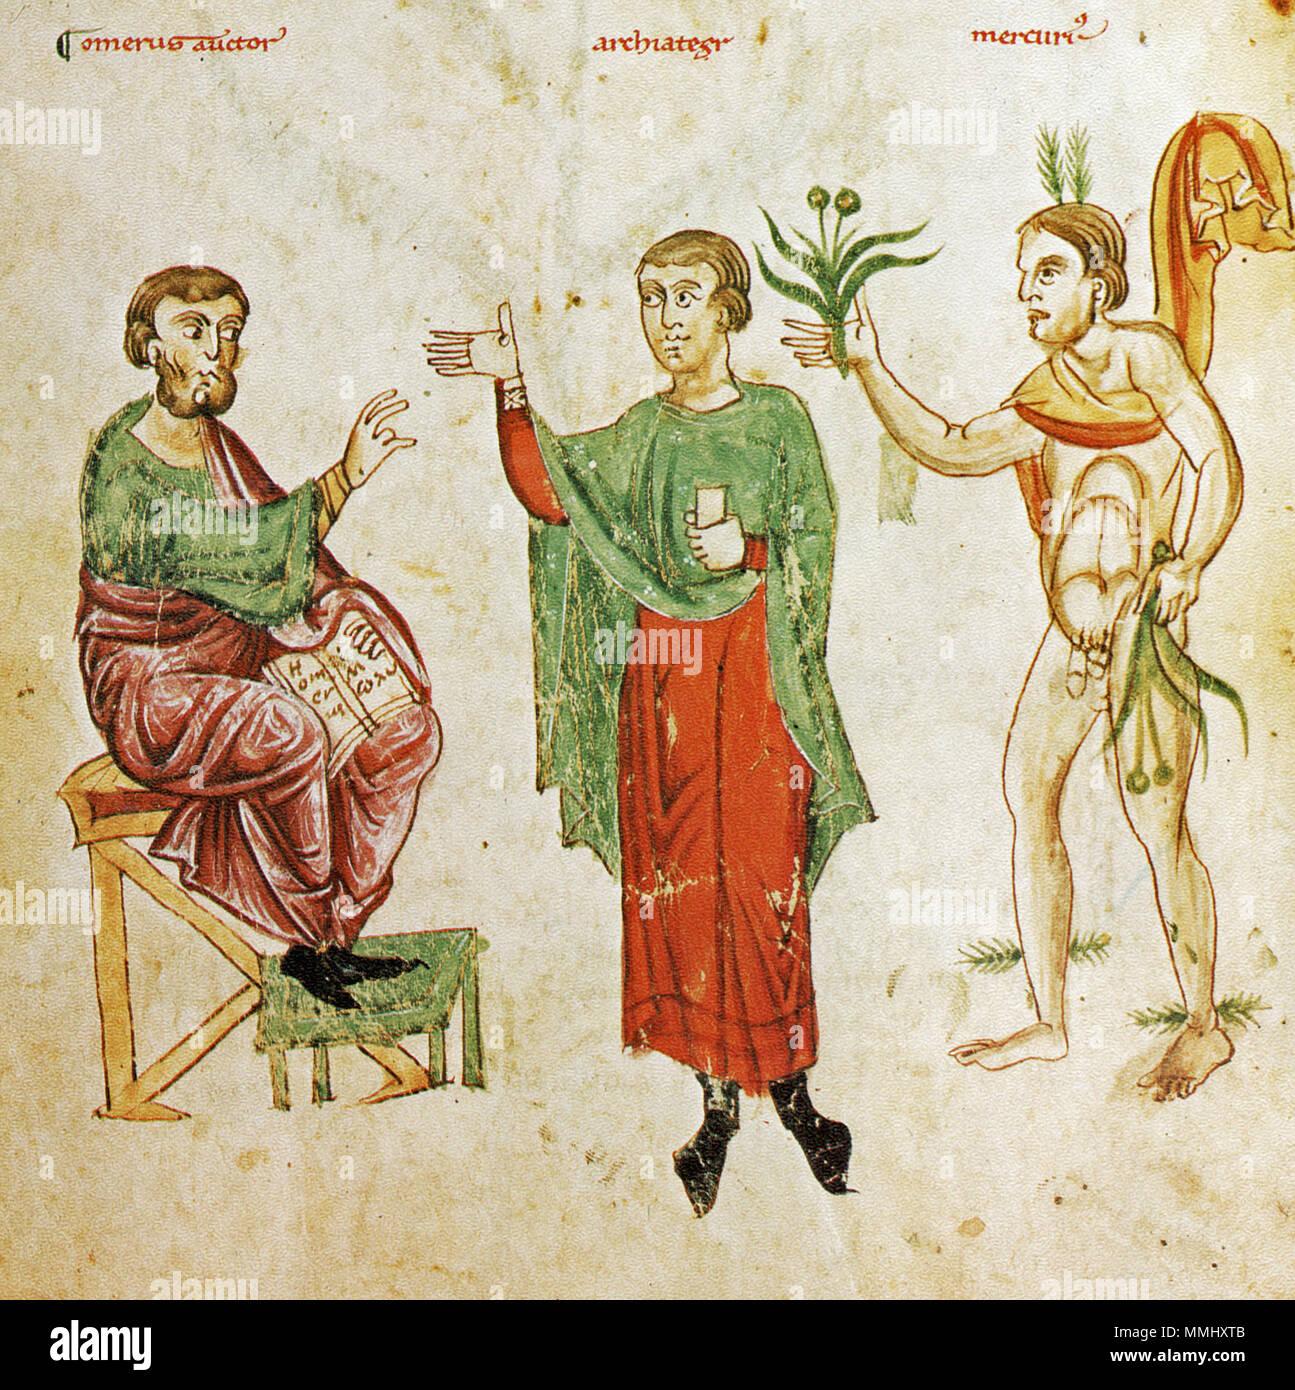 Fantastisch Deutsch: Diese Allegorische Szene Zeigt Omero, Einen Arzt Und  Den Gott Mercurius,